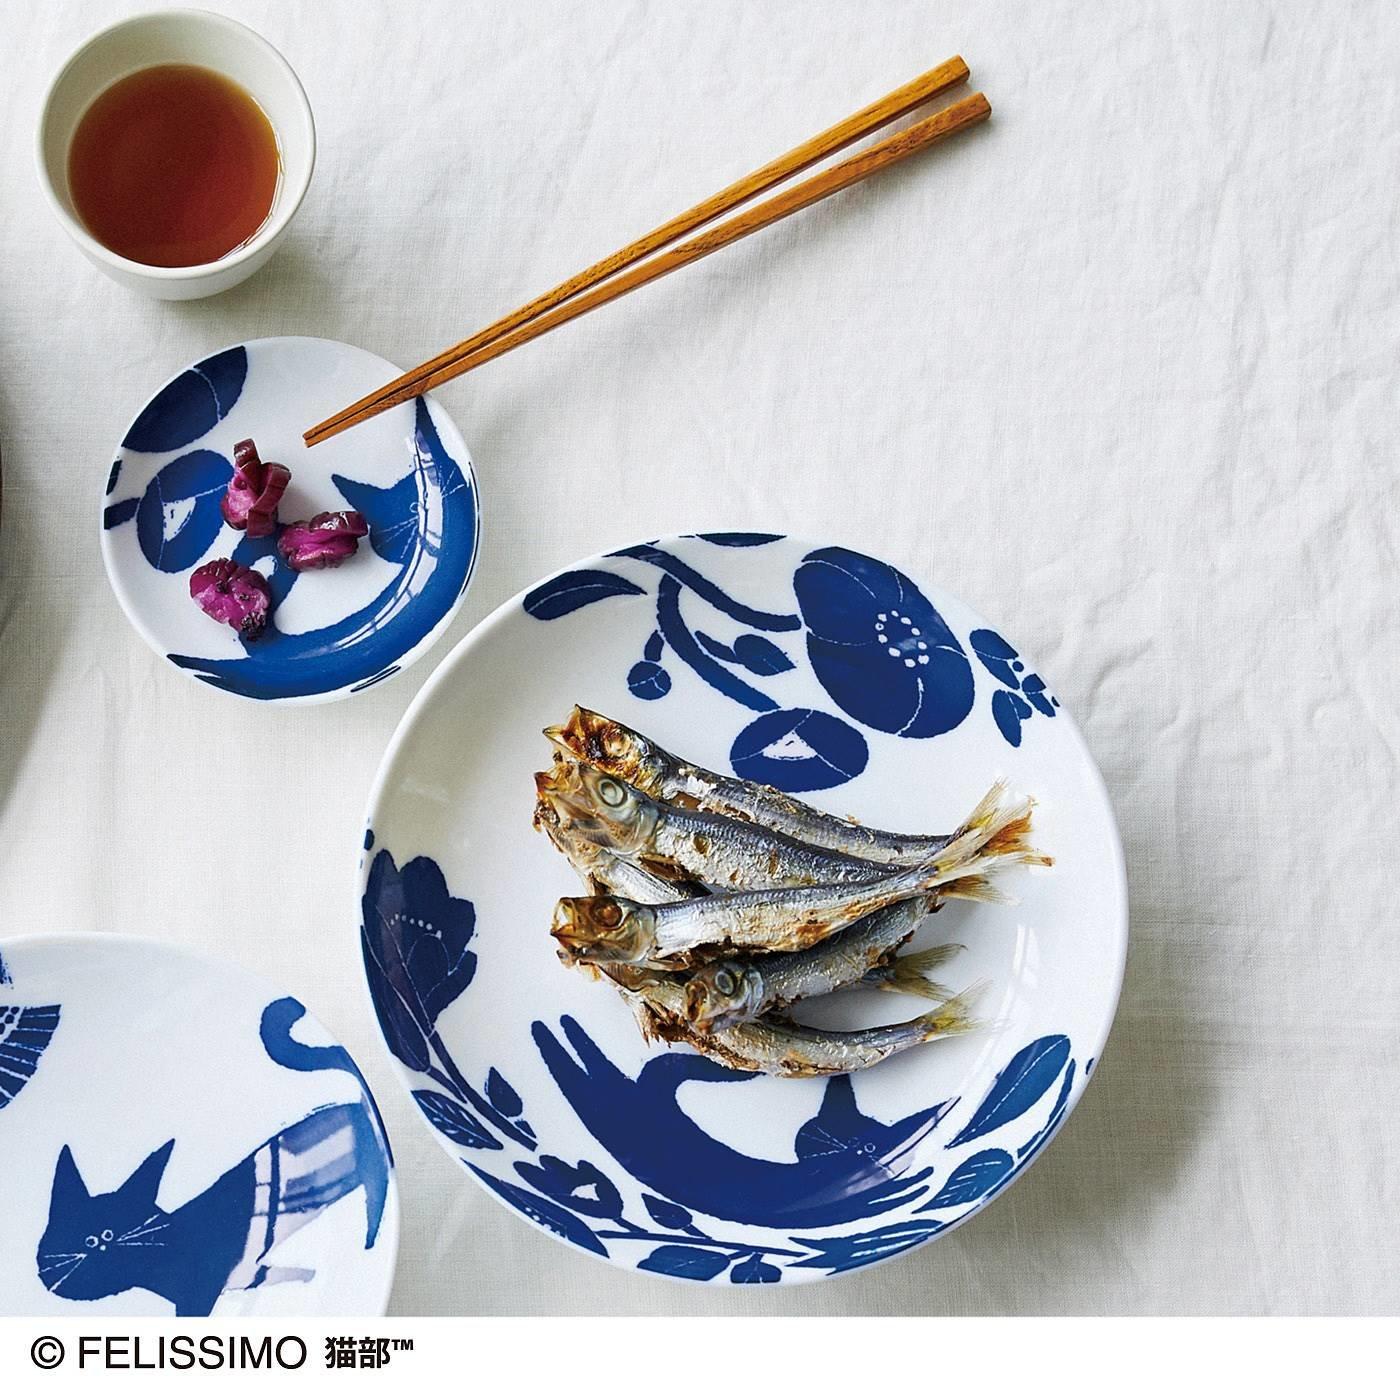 猫部×coco.a 和柄猫お皿セット 夢ごこち〈平皿〉の会